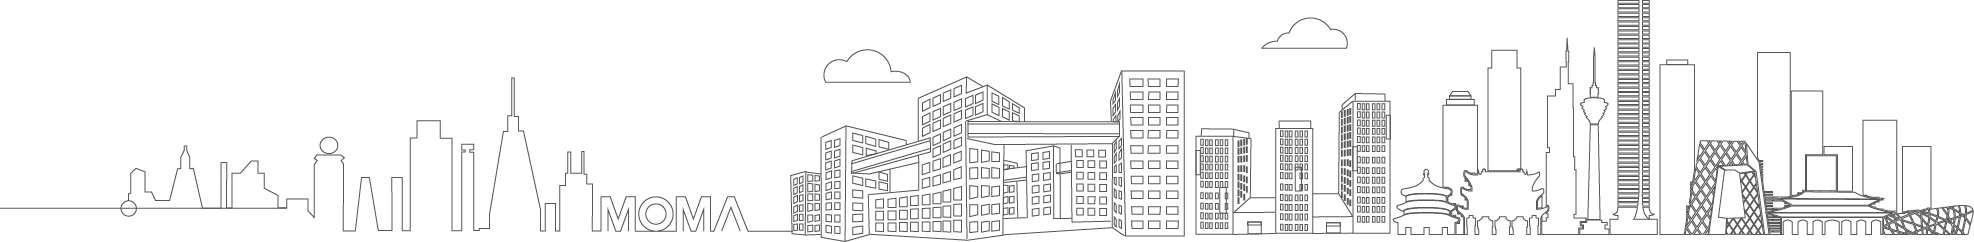 MOMA建筑线条.jpg